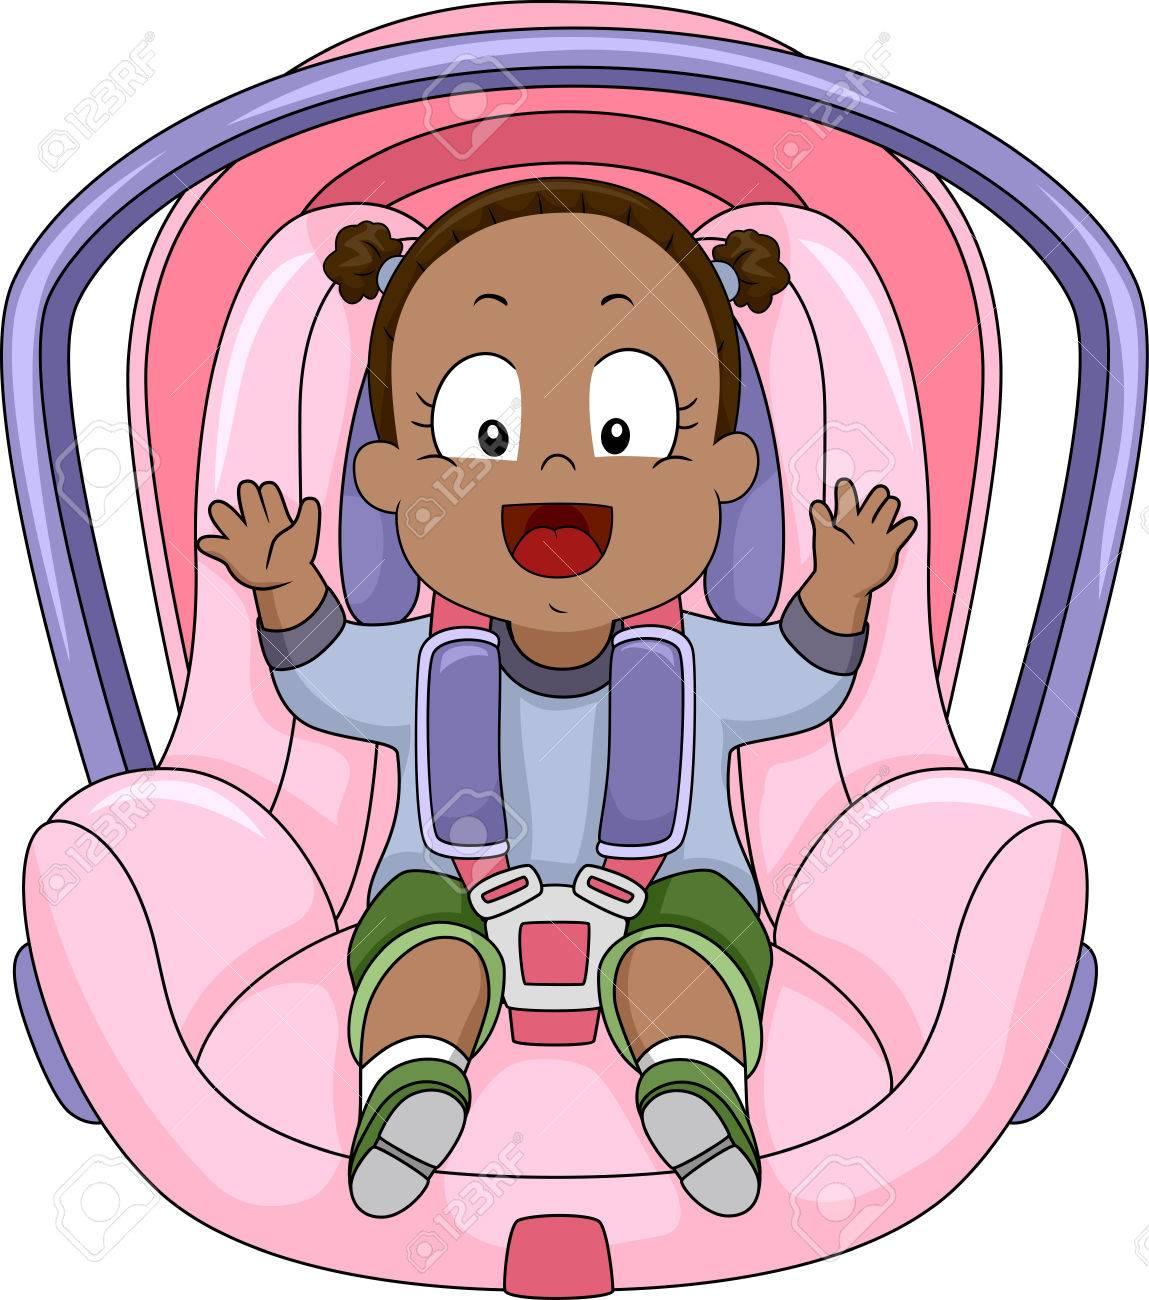 36997 Car free clipart.